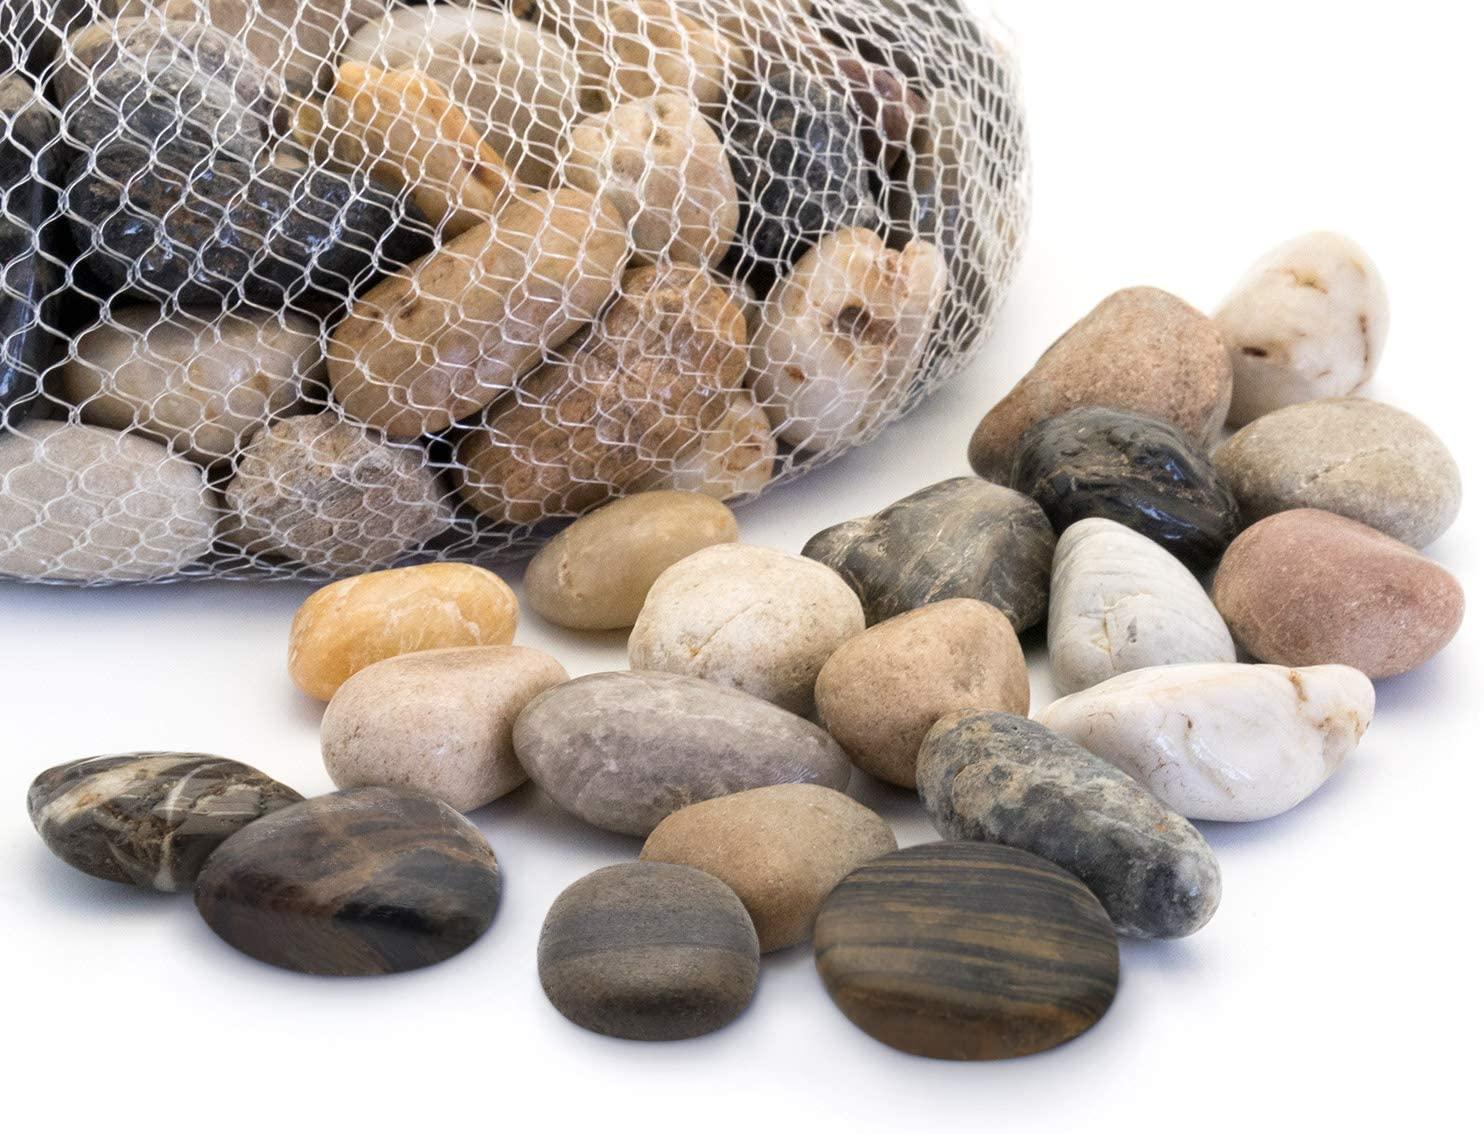 royal imports polished gravel rocks, best mud kitchens for kids